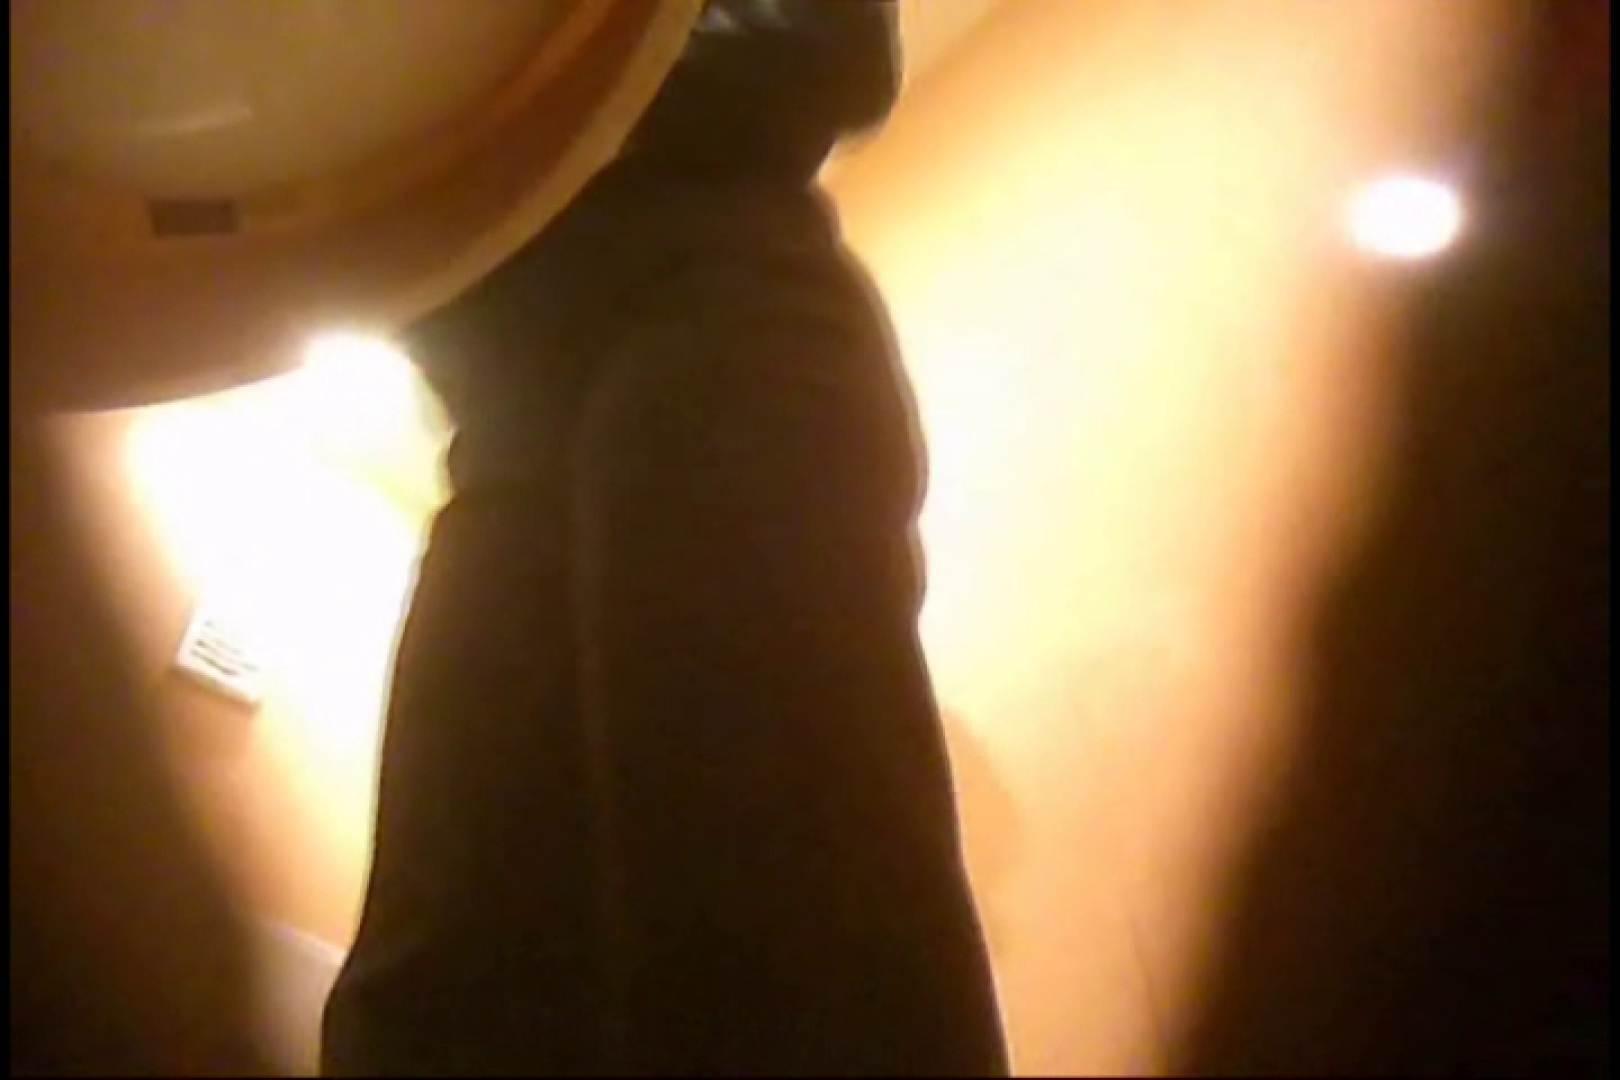 潜入!!女子化粧室盗撮~絶対見られたくない時間~vo,92 お尻 盗撮AV動画キャプチャ 86画像 48